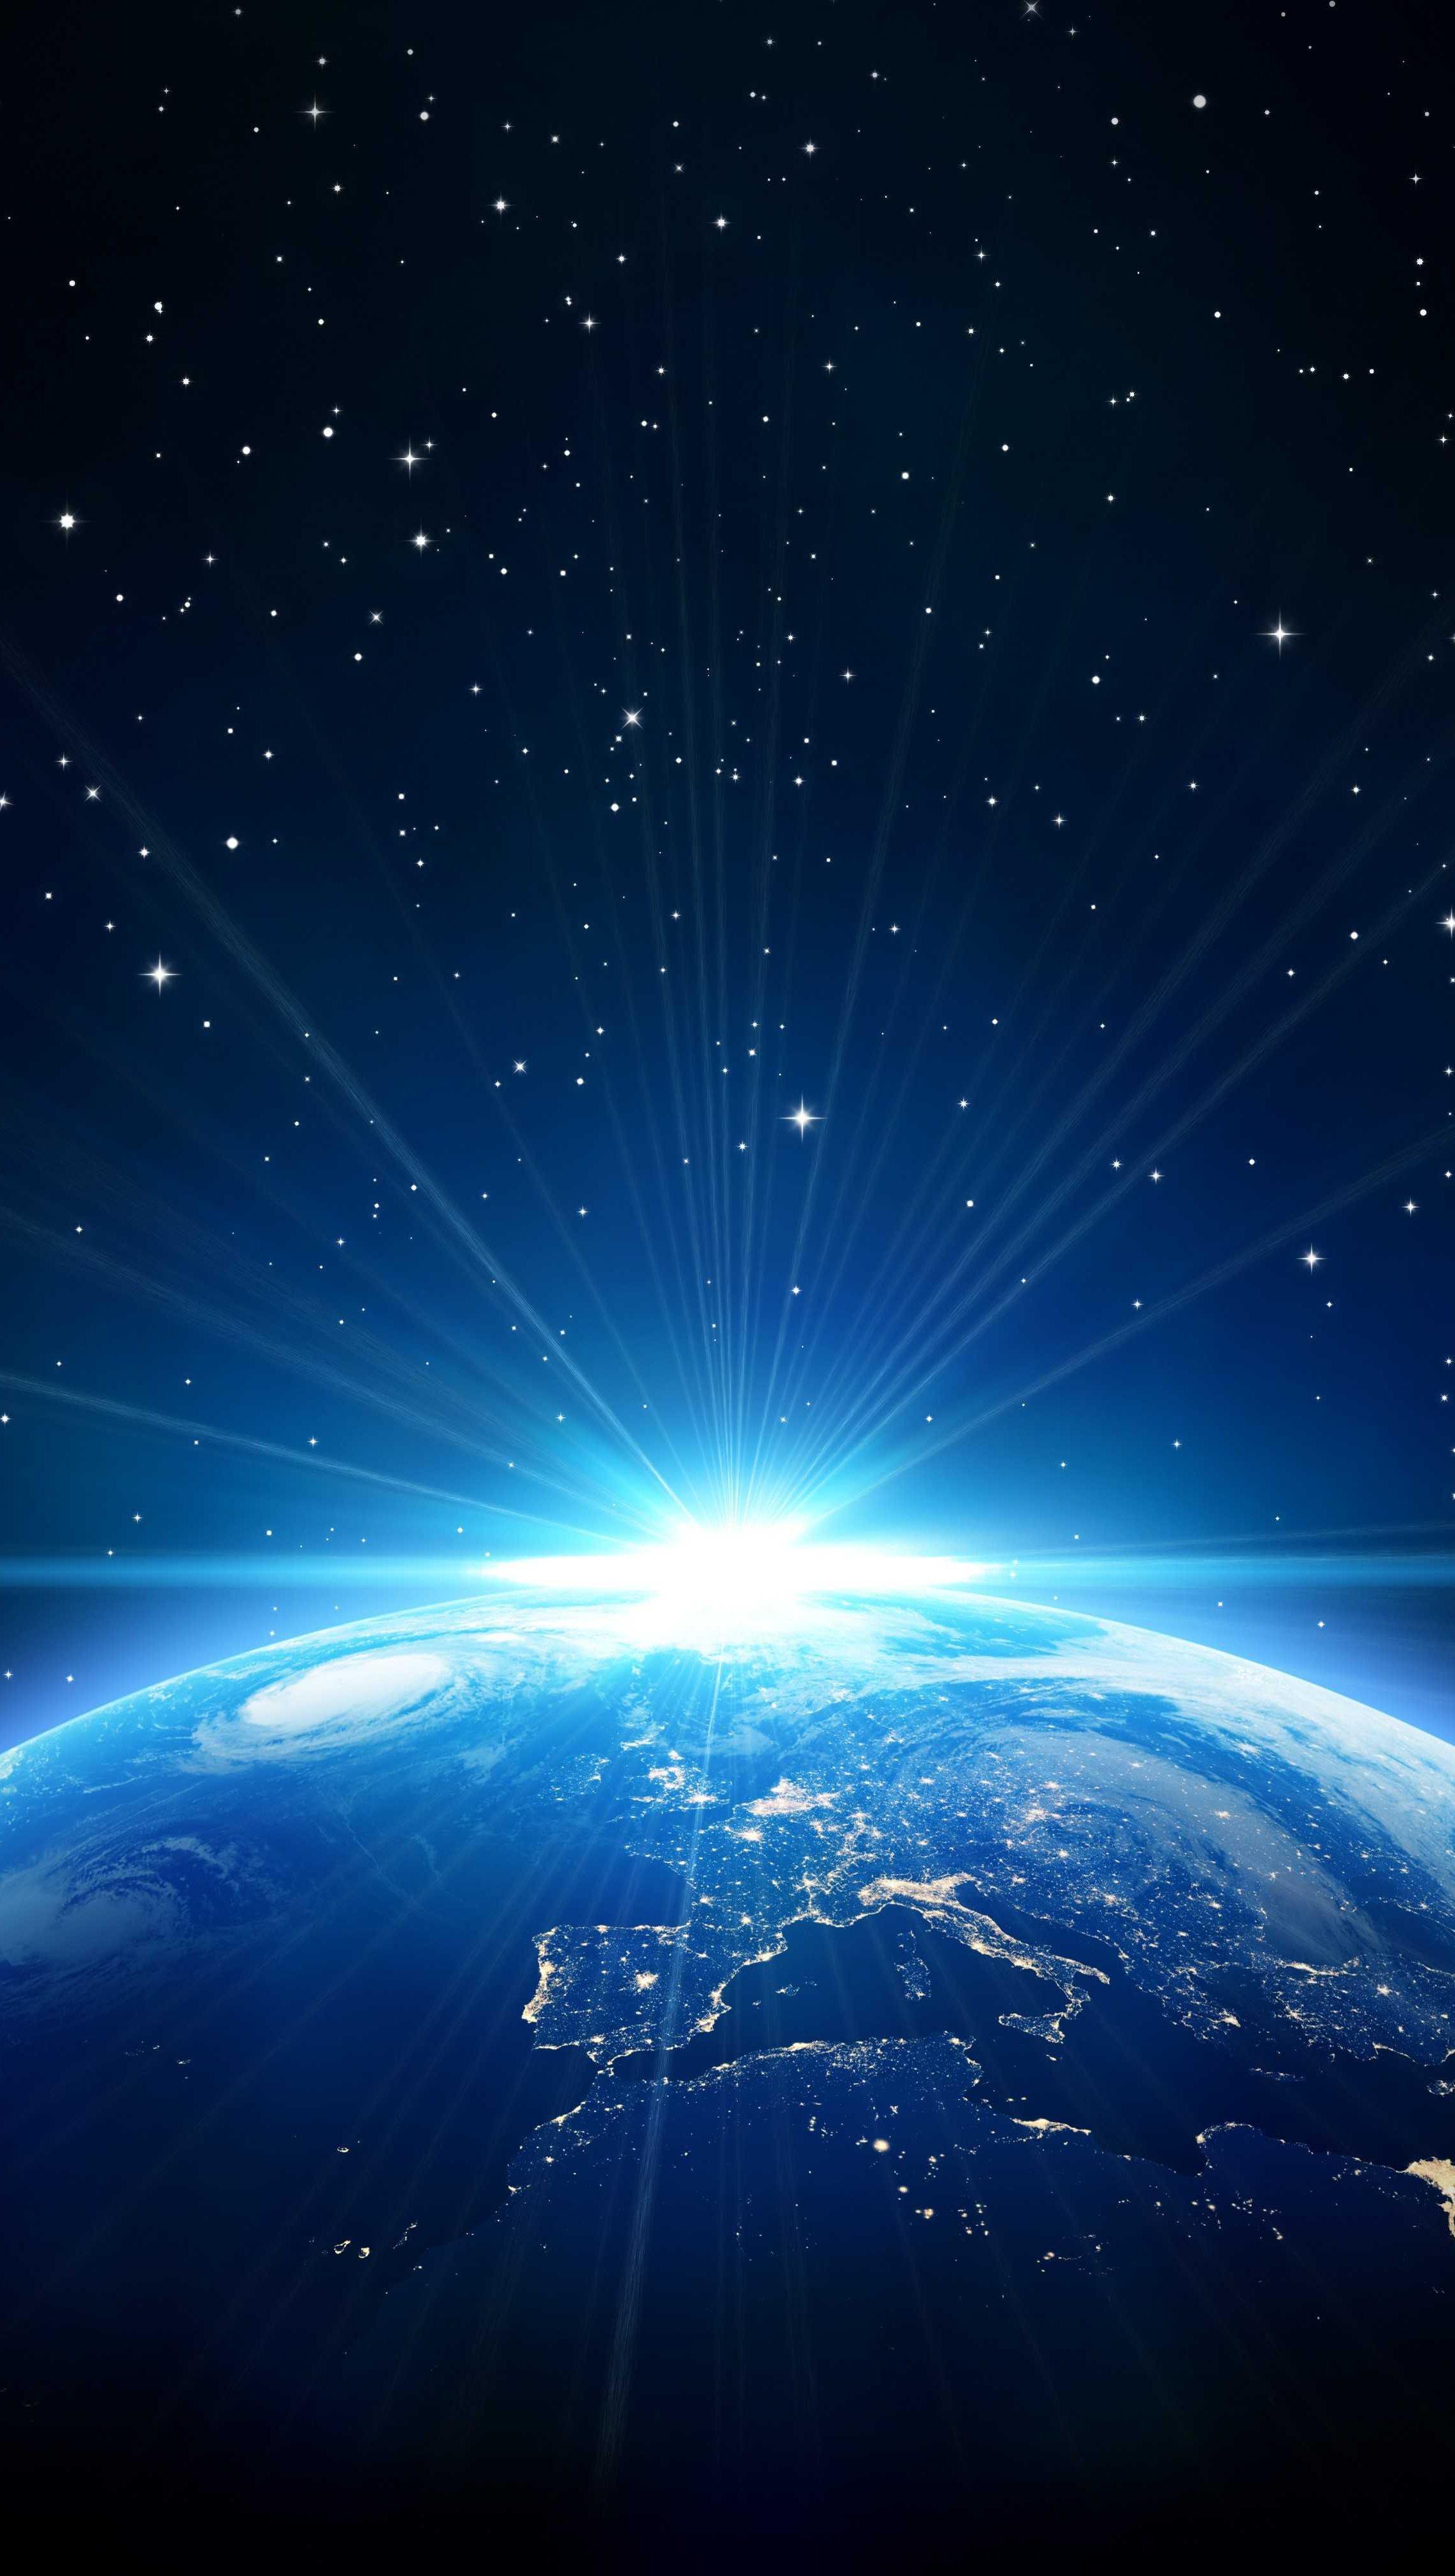 Fondos de pantalla Planeta tierra con destello de luz Vertical